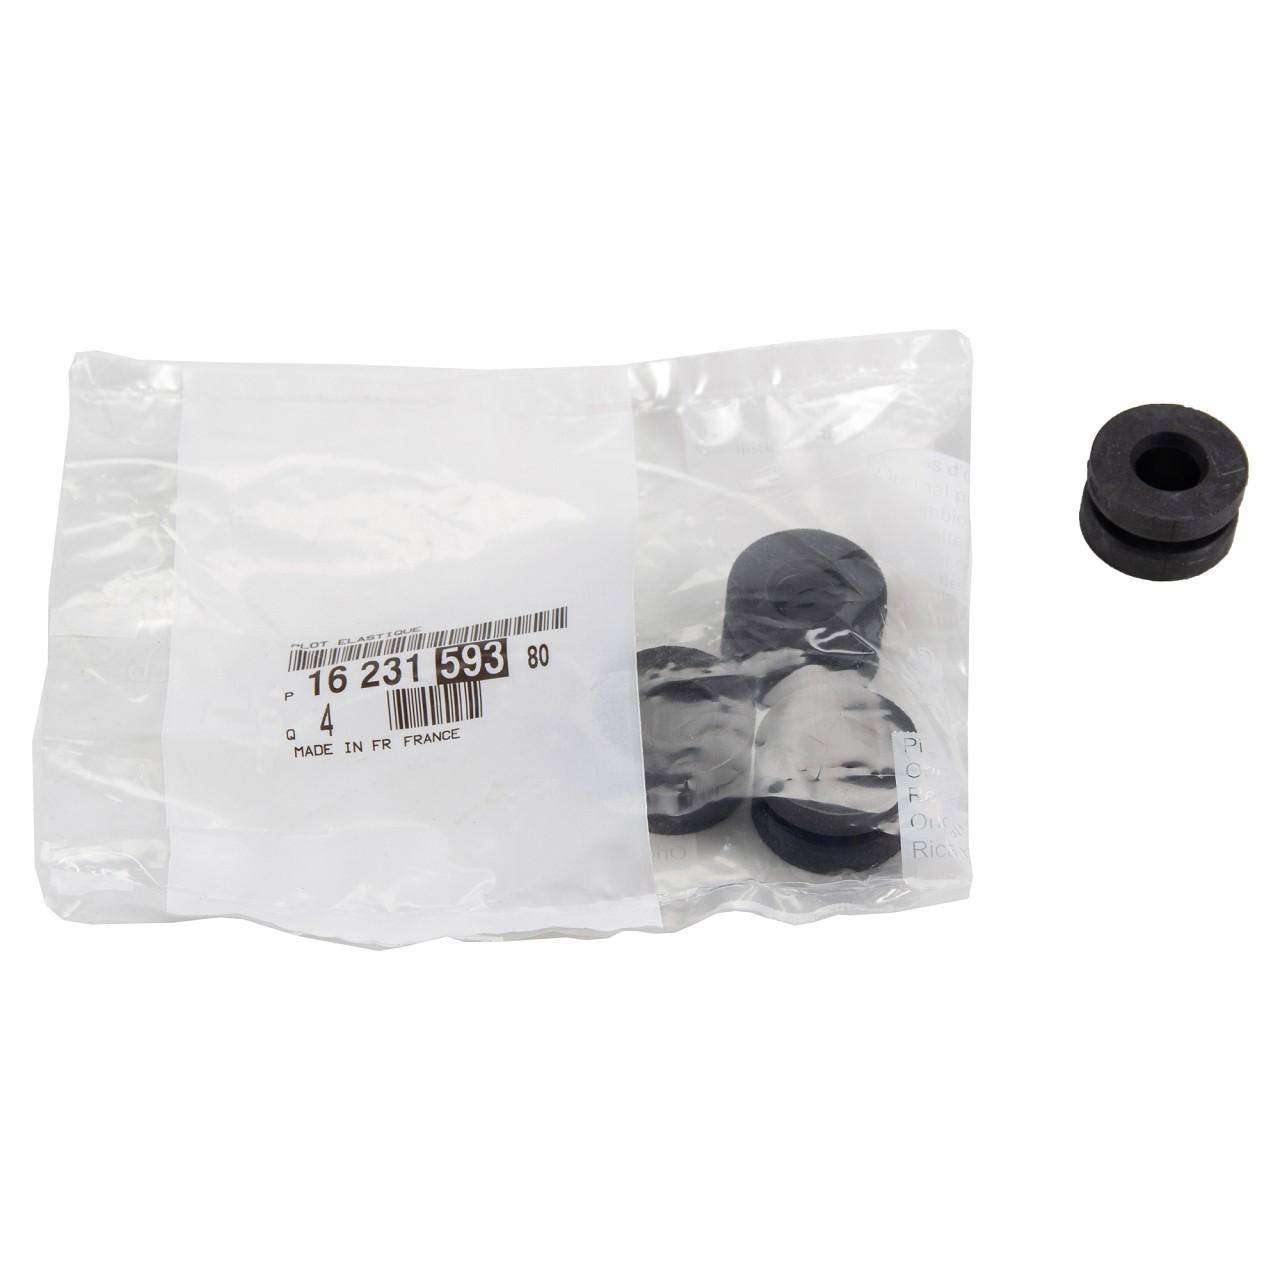 4x ORIGINAL Citroen Peugeot Anschlagpuffer Luftfiltergehäuse C3 308 1623159380